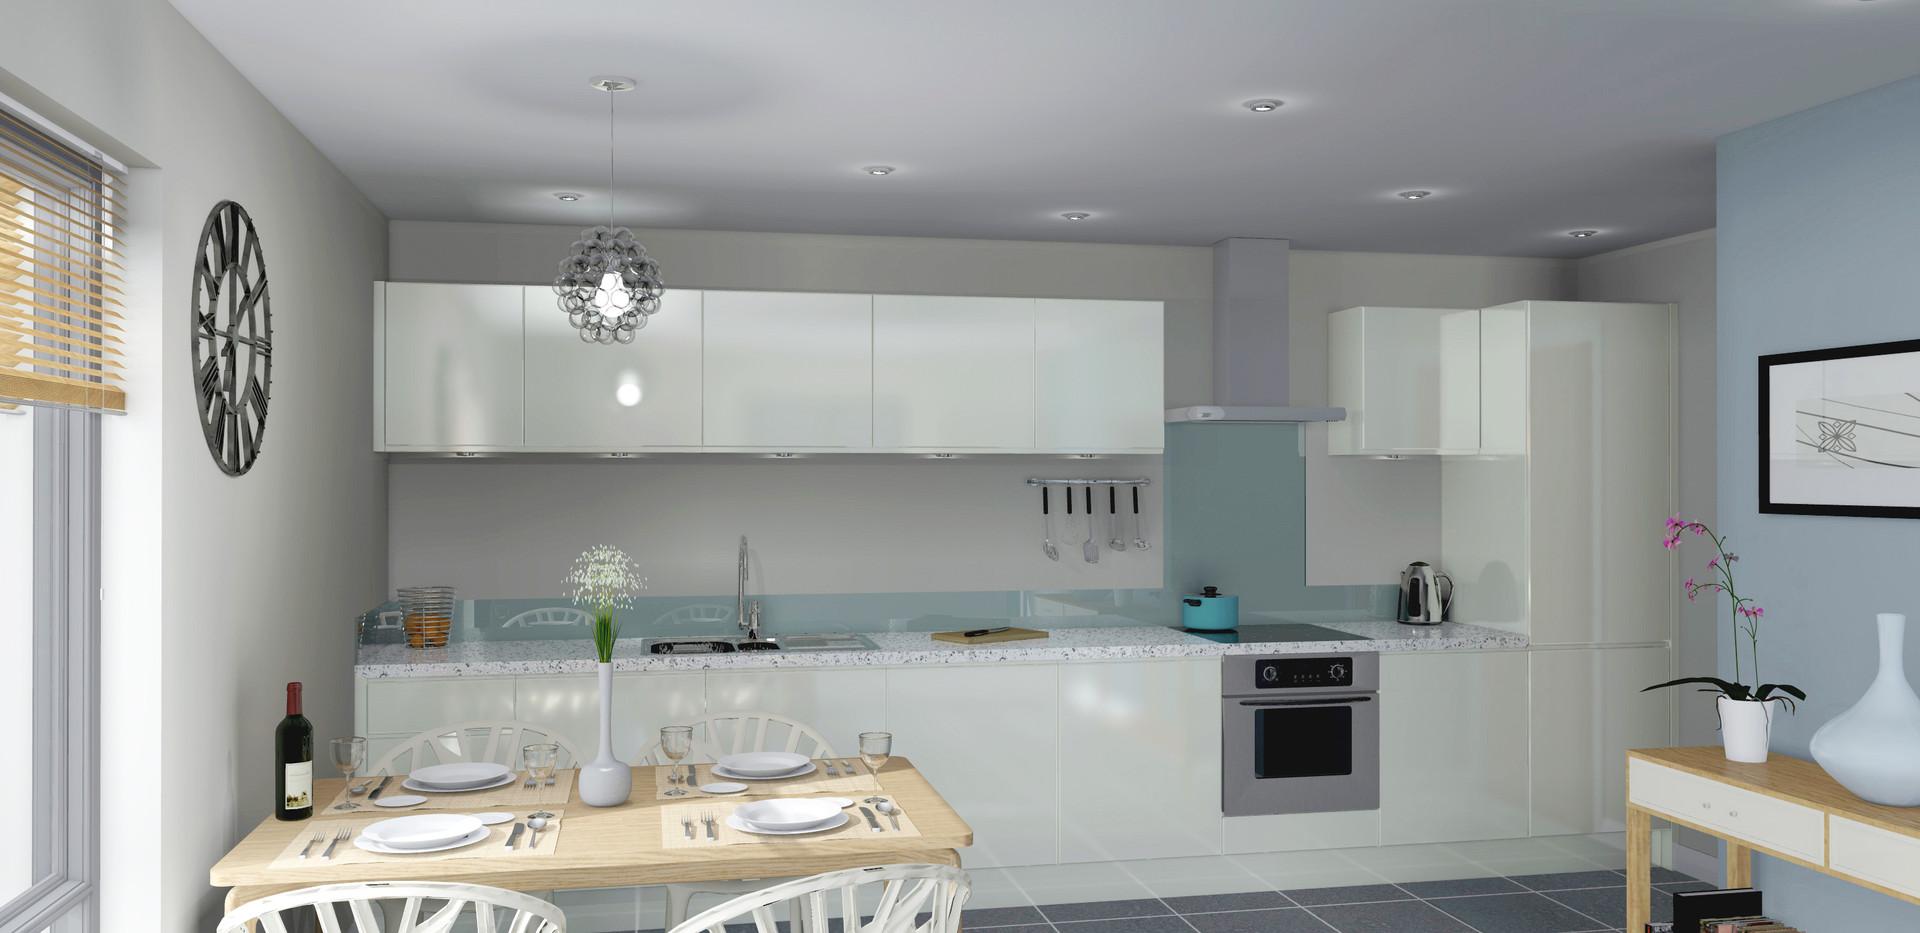 Internal Kitchen.jpg